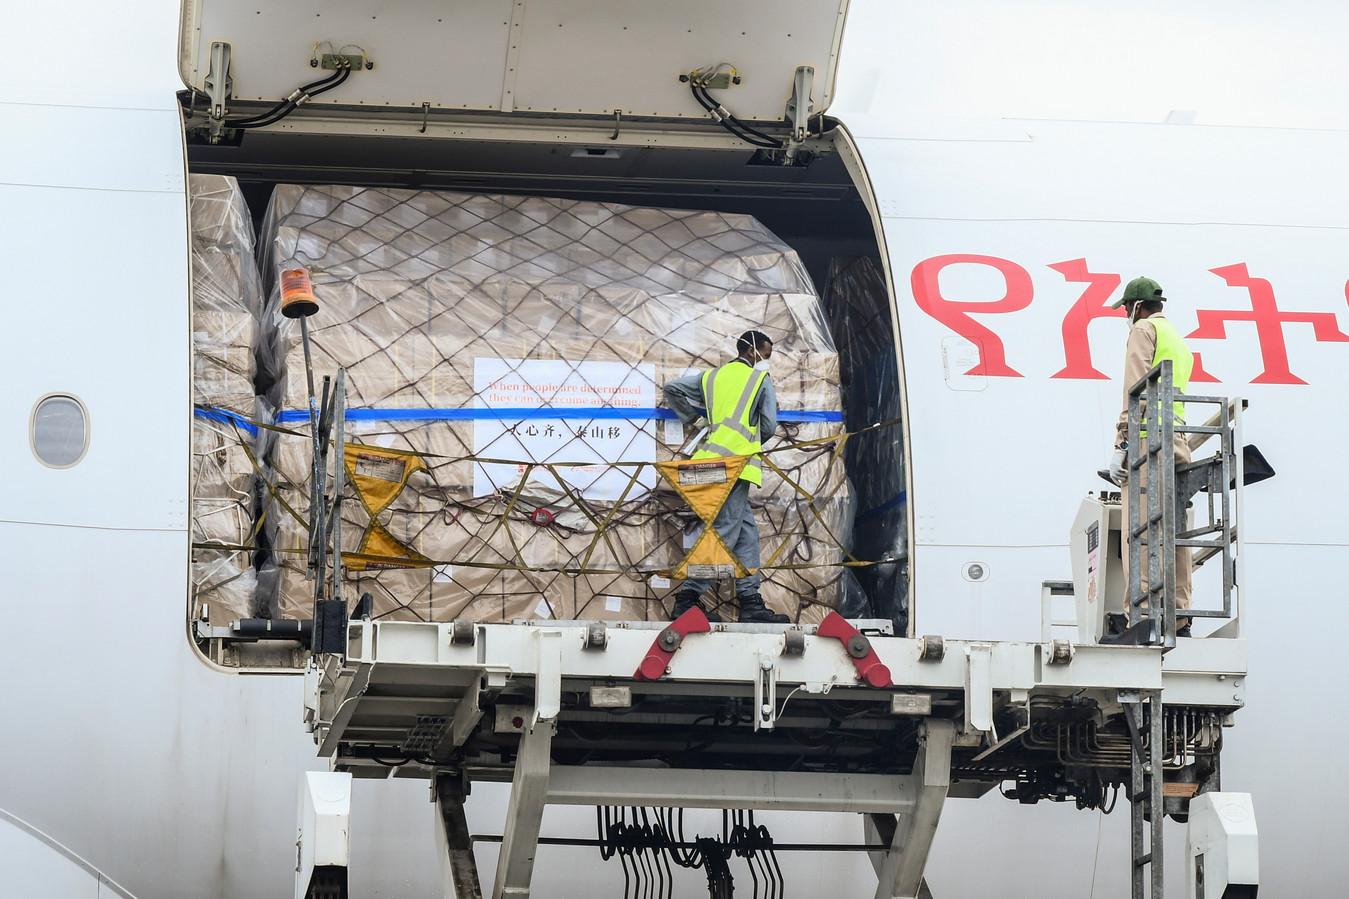 Op de luchthaven van Addis Ababa laden arbeiders een vliegtuig uit met medische goederen uit China. De hulpvracht is beschikbaar gesteld door de Jack Ma Foundation.